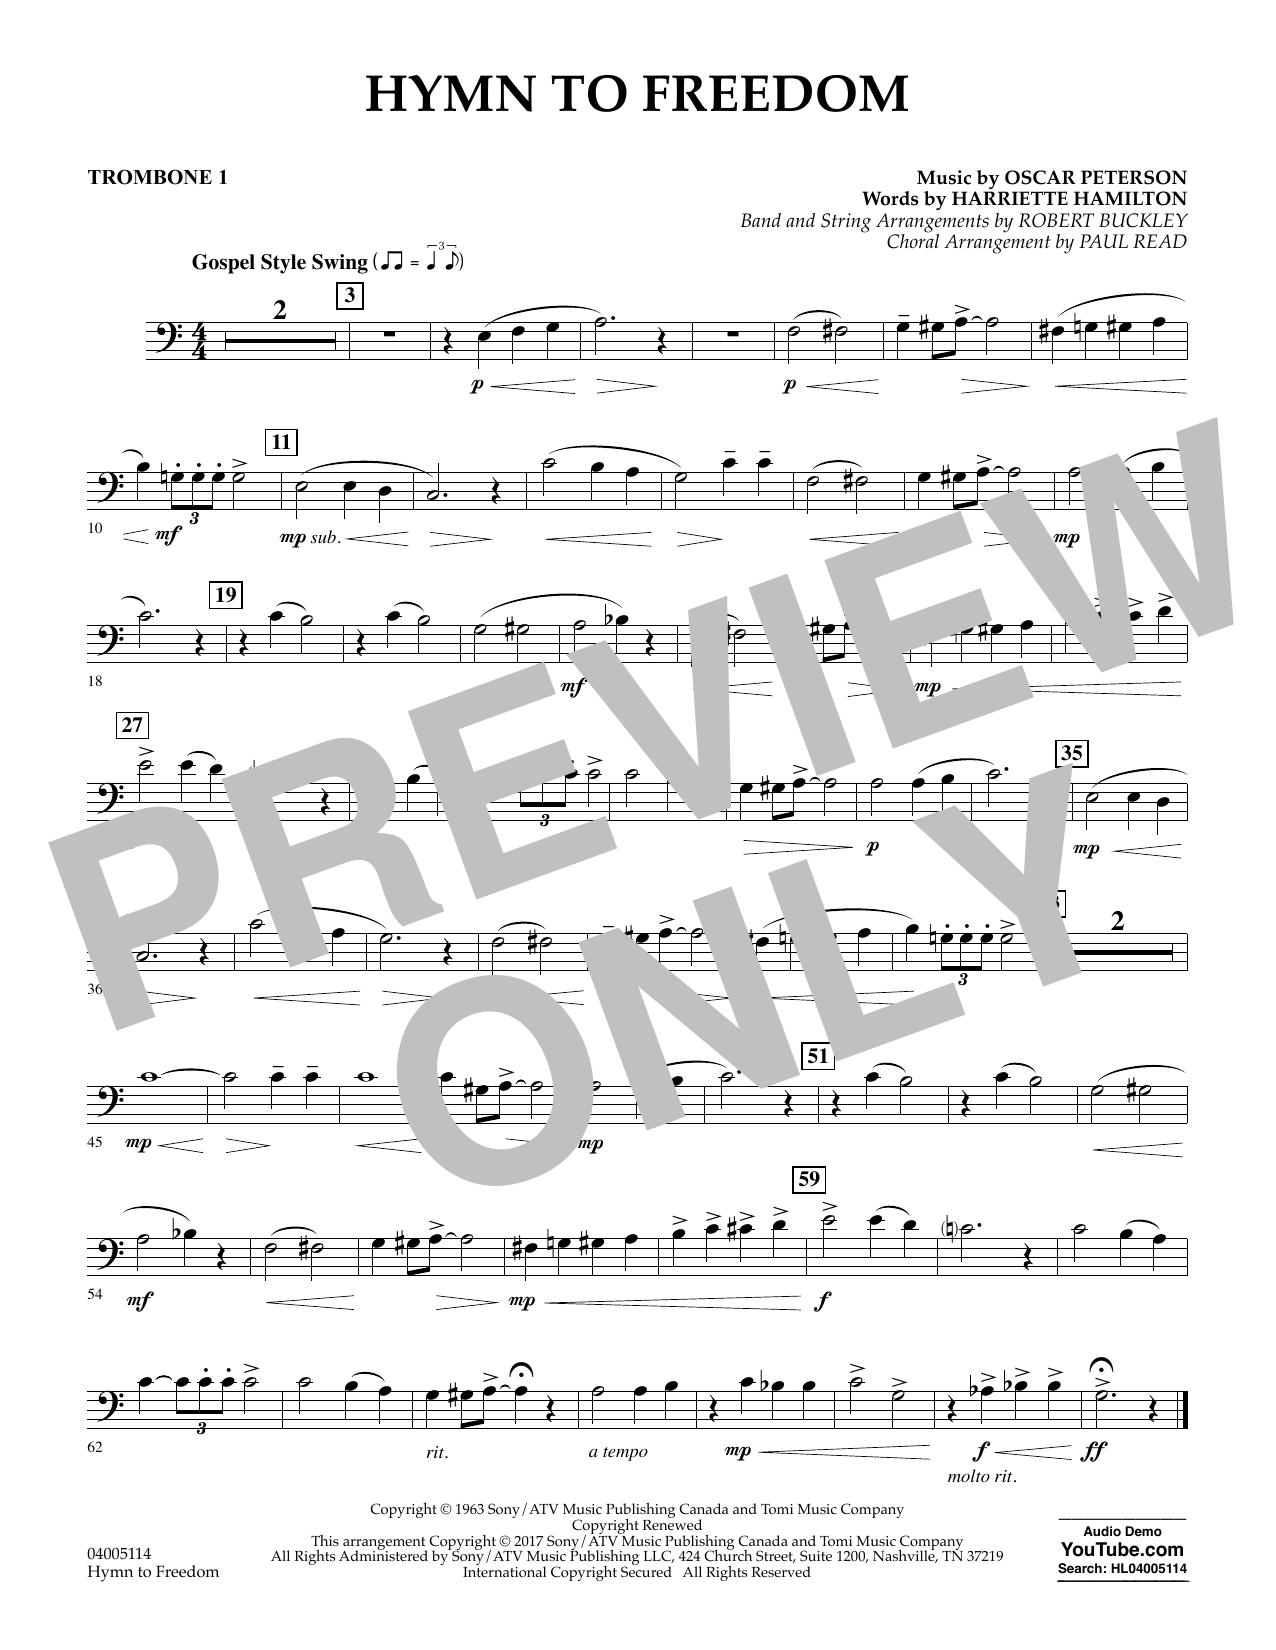 Hymn to Freedom - Trombone 1 (Flex-Band)